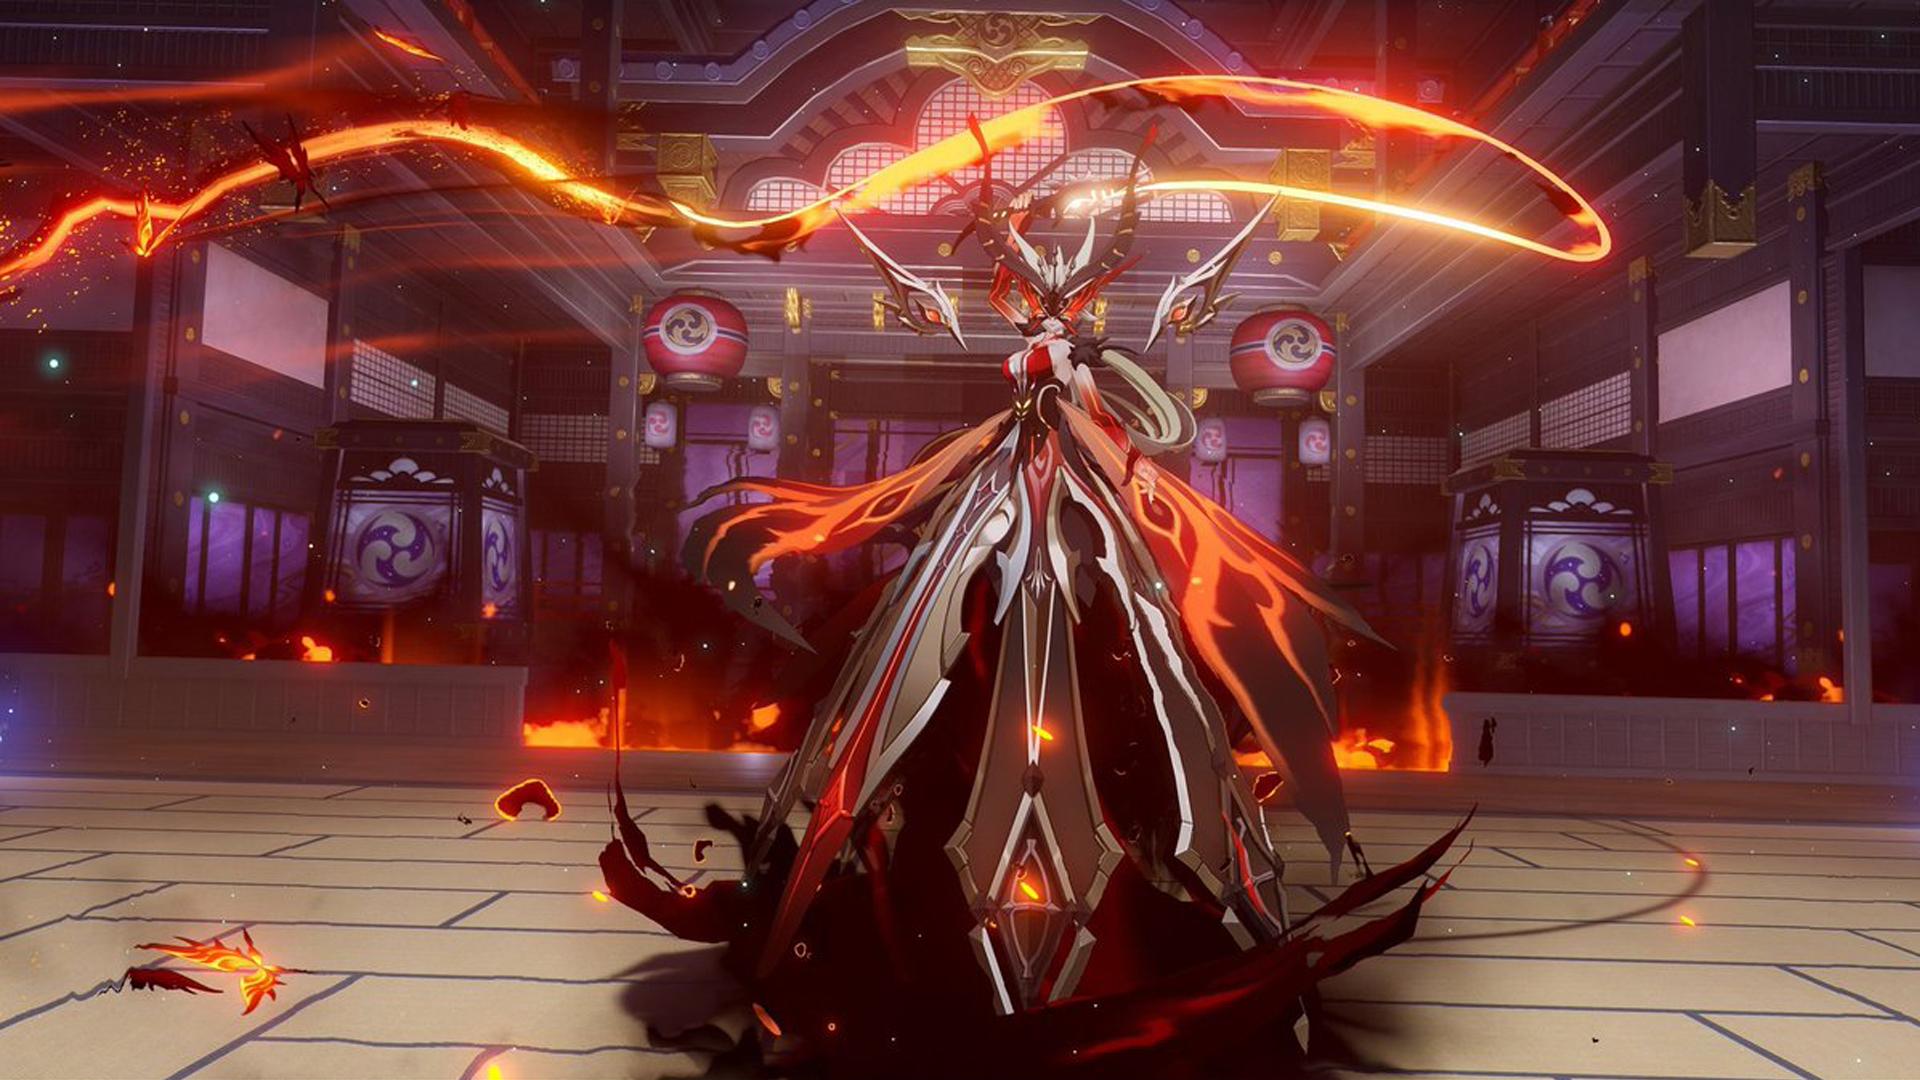 vignette-genshin-impact-duel-devant-trone